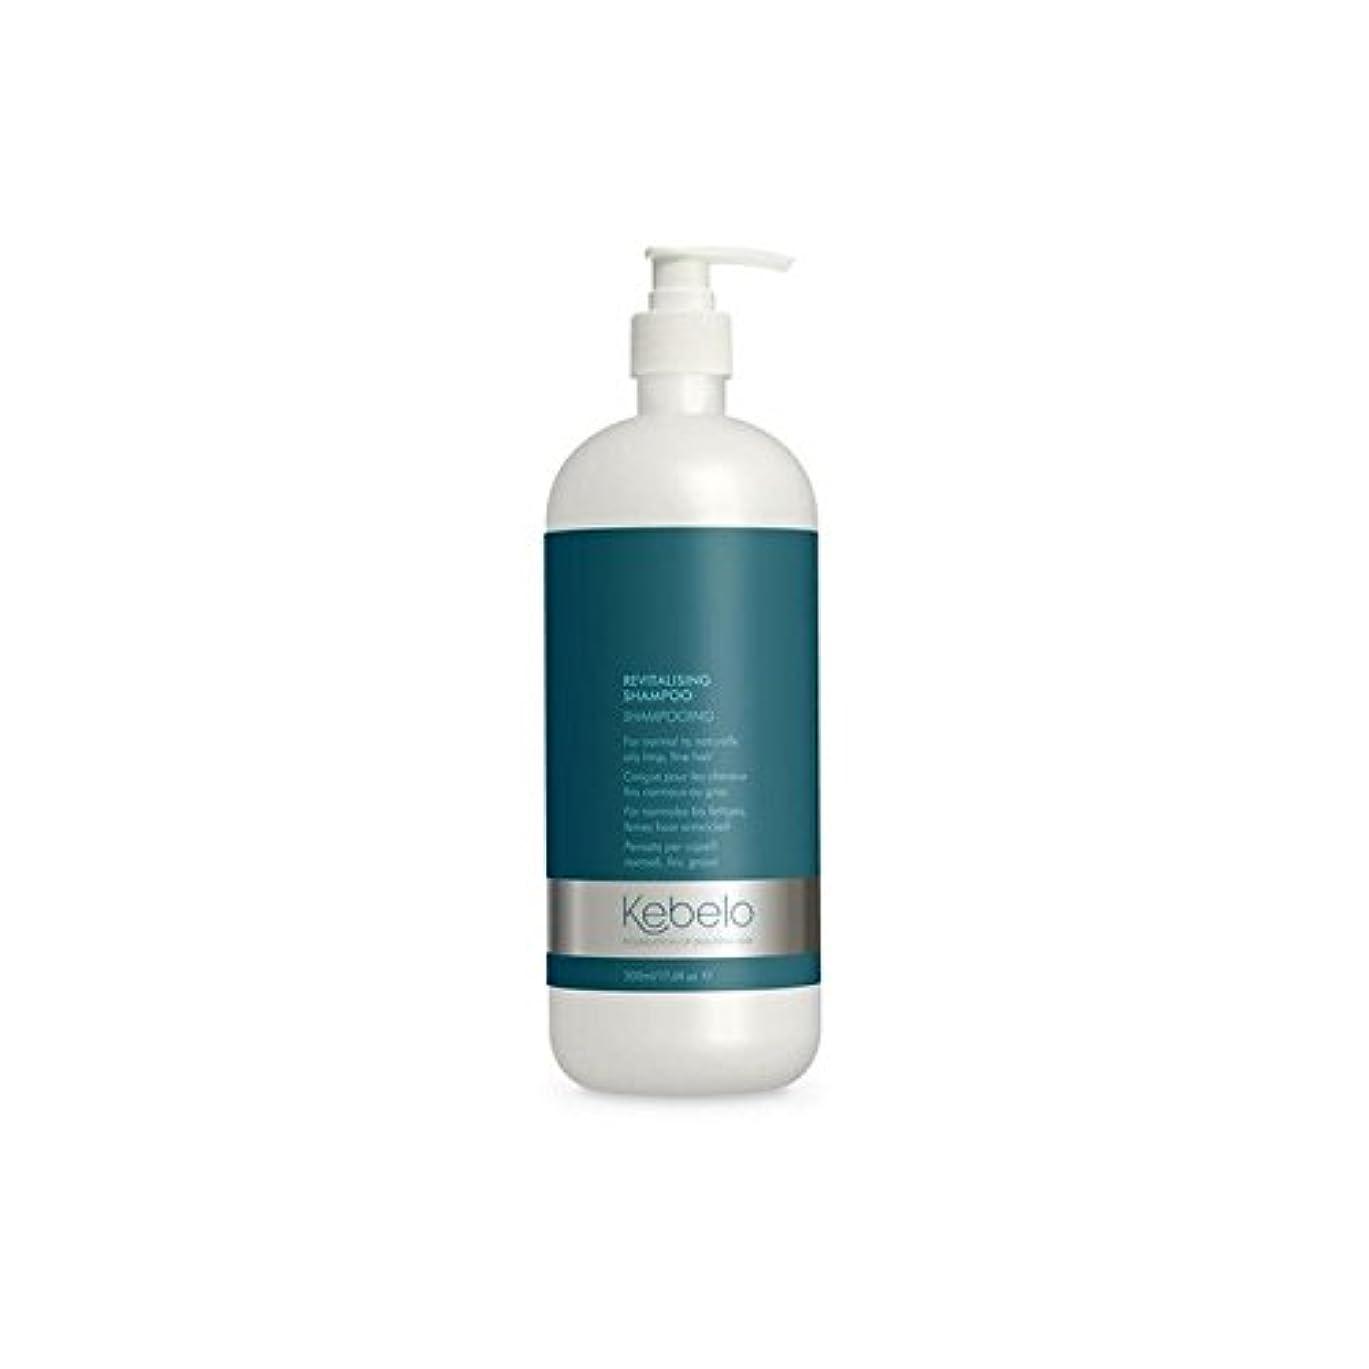 残り物怖いストリーム活力シャンプー(500ミリリットル) x2 - Kebelo Revitalising Shampoo (500ml) (Pack of 2) [並行輸入品]